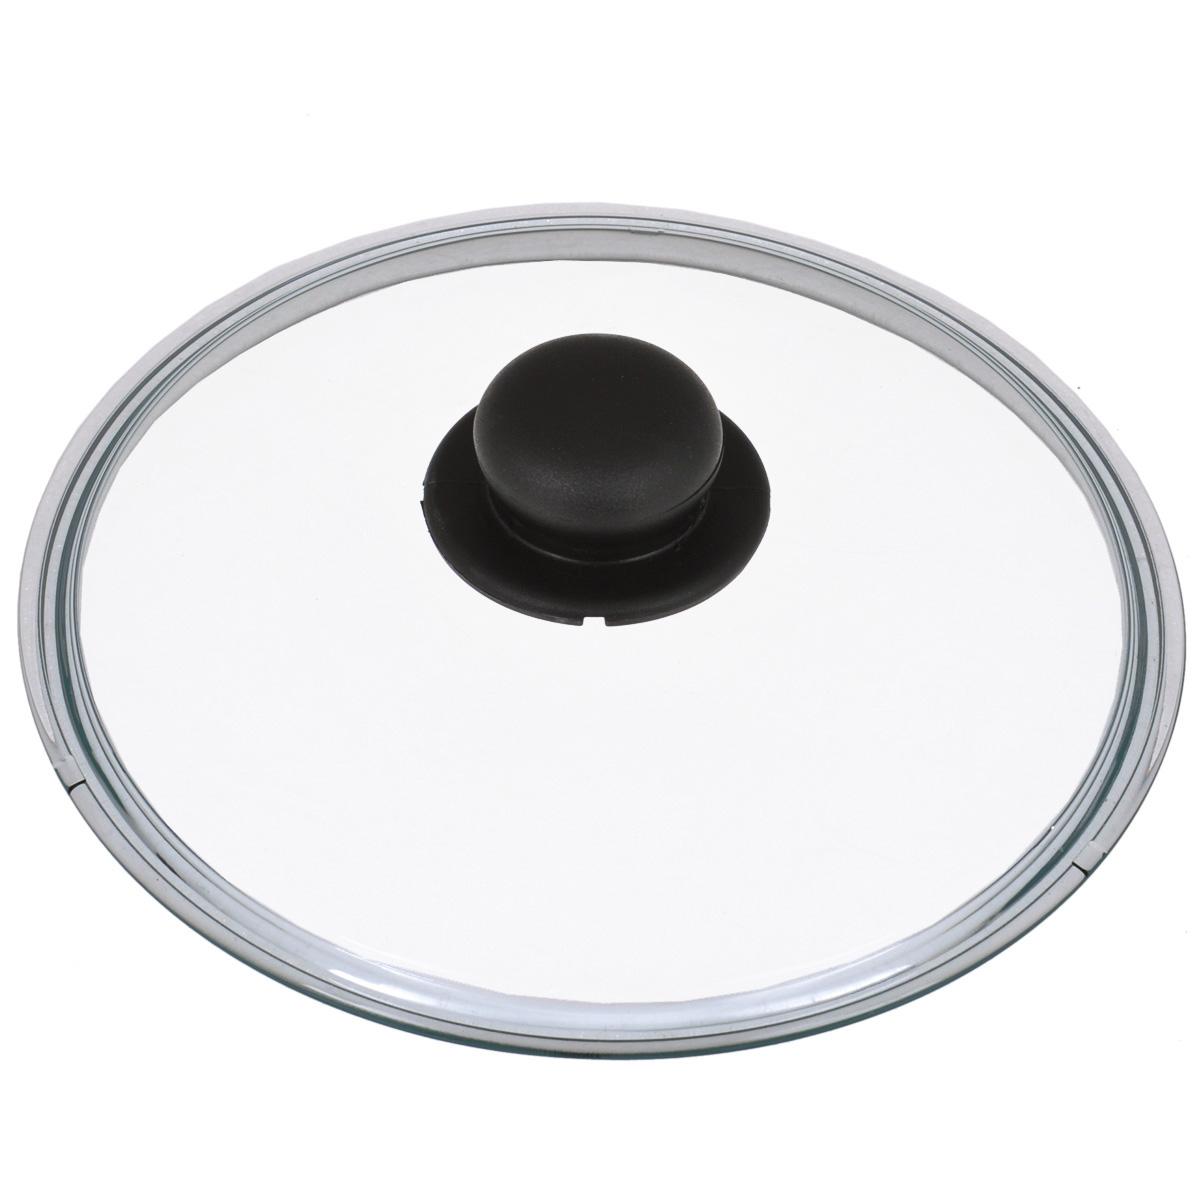 Крышка стеклянная Tescoma Unicover. Диаметр 24 см крышка tescoma unicover